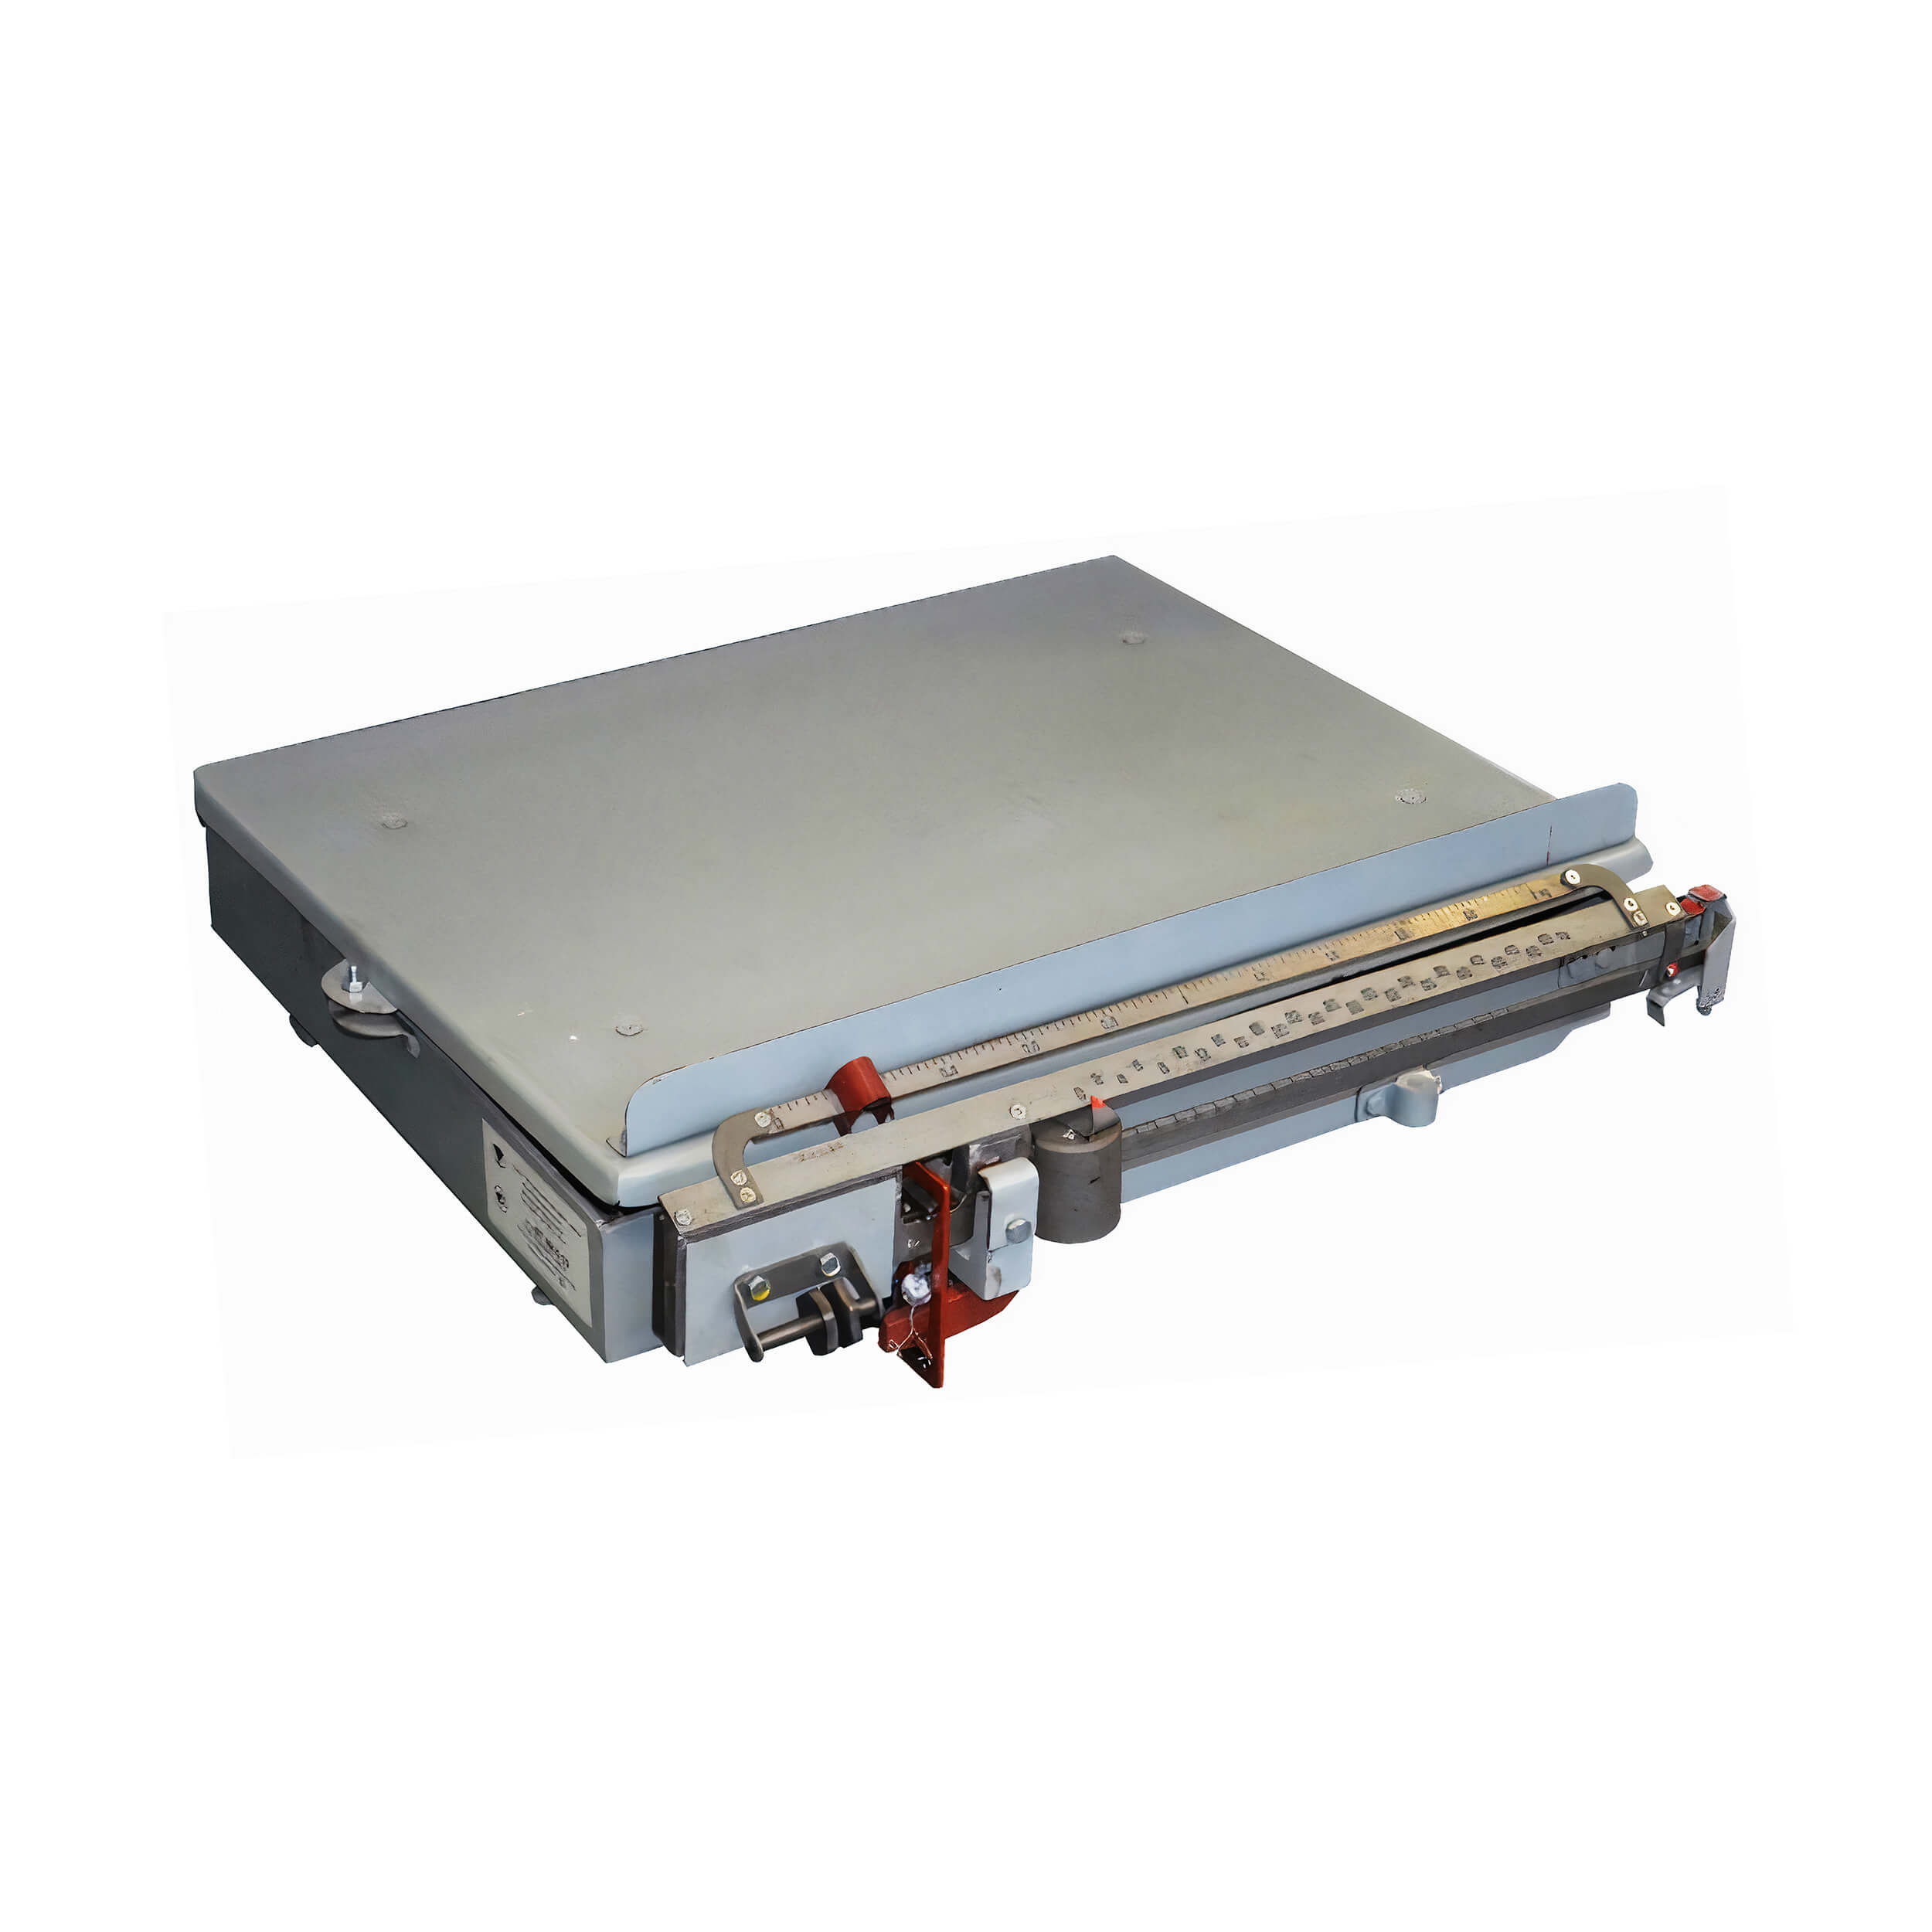 Весы контрольные для улья (до 100 кг, платформа 460х620 мм) фото